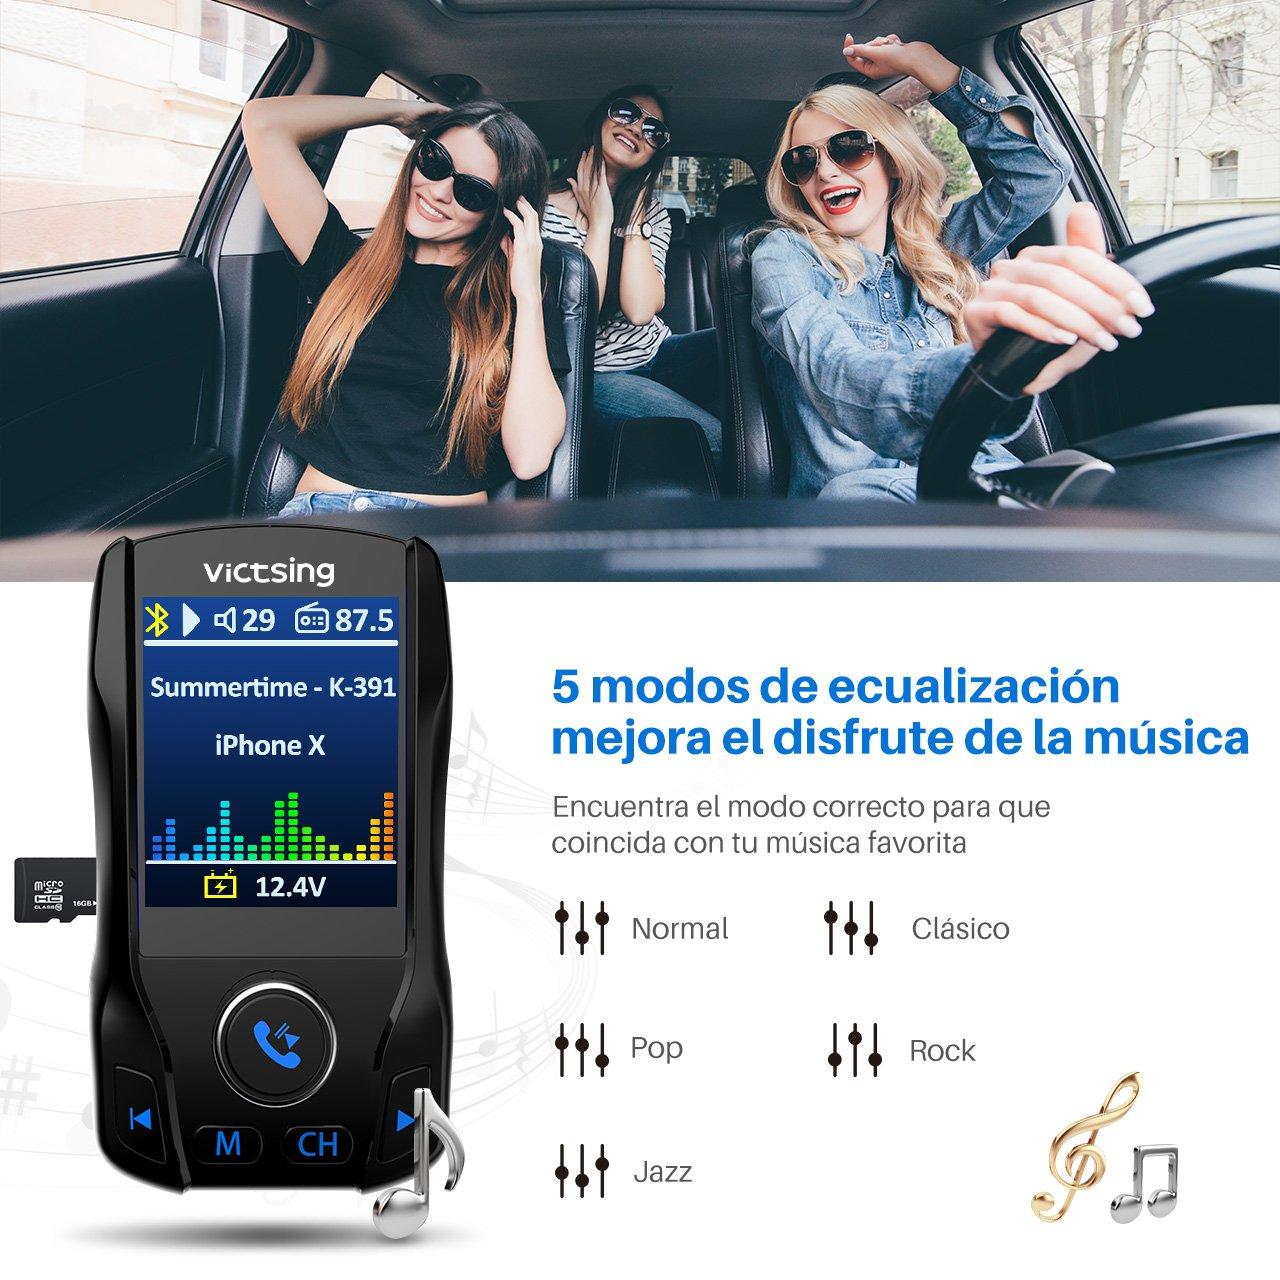 USB Flash Drive 3/Port USB chargeur adaptateur de radio lecteur MP3/Voiture /écran en Couleur TFT de 1.8/pouces carte TF pour t/él/éphone support entr/ée Aux Victsing Mains libres transmetteur FM Bluetooth Voiture